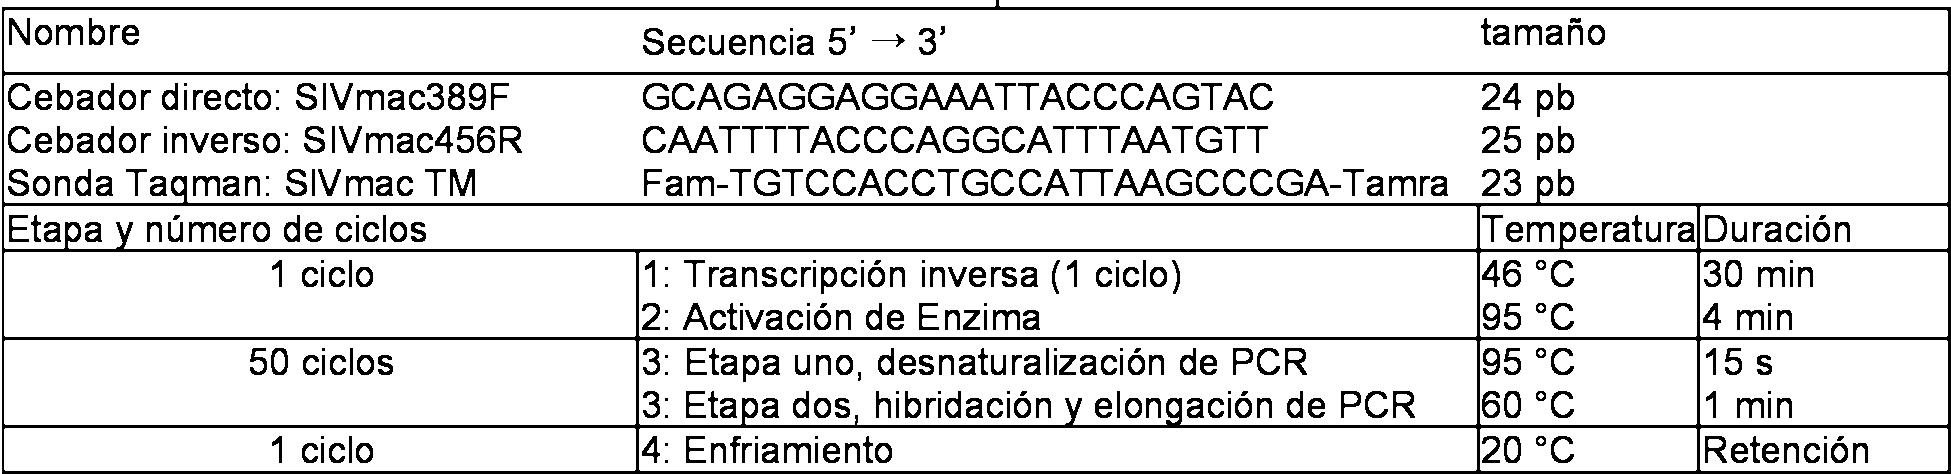 Prevalence of human papillomavirus, Human papillomavirus prevalence - mobiliersiamenajari.ro